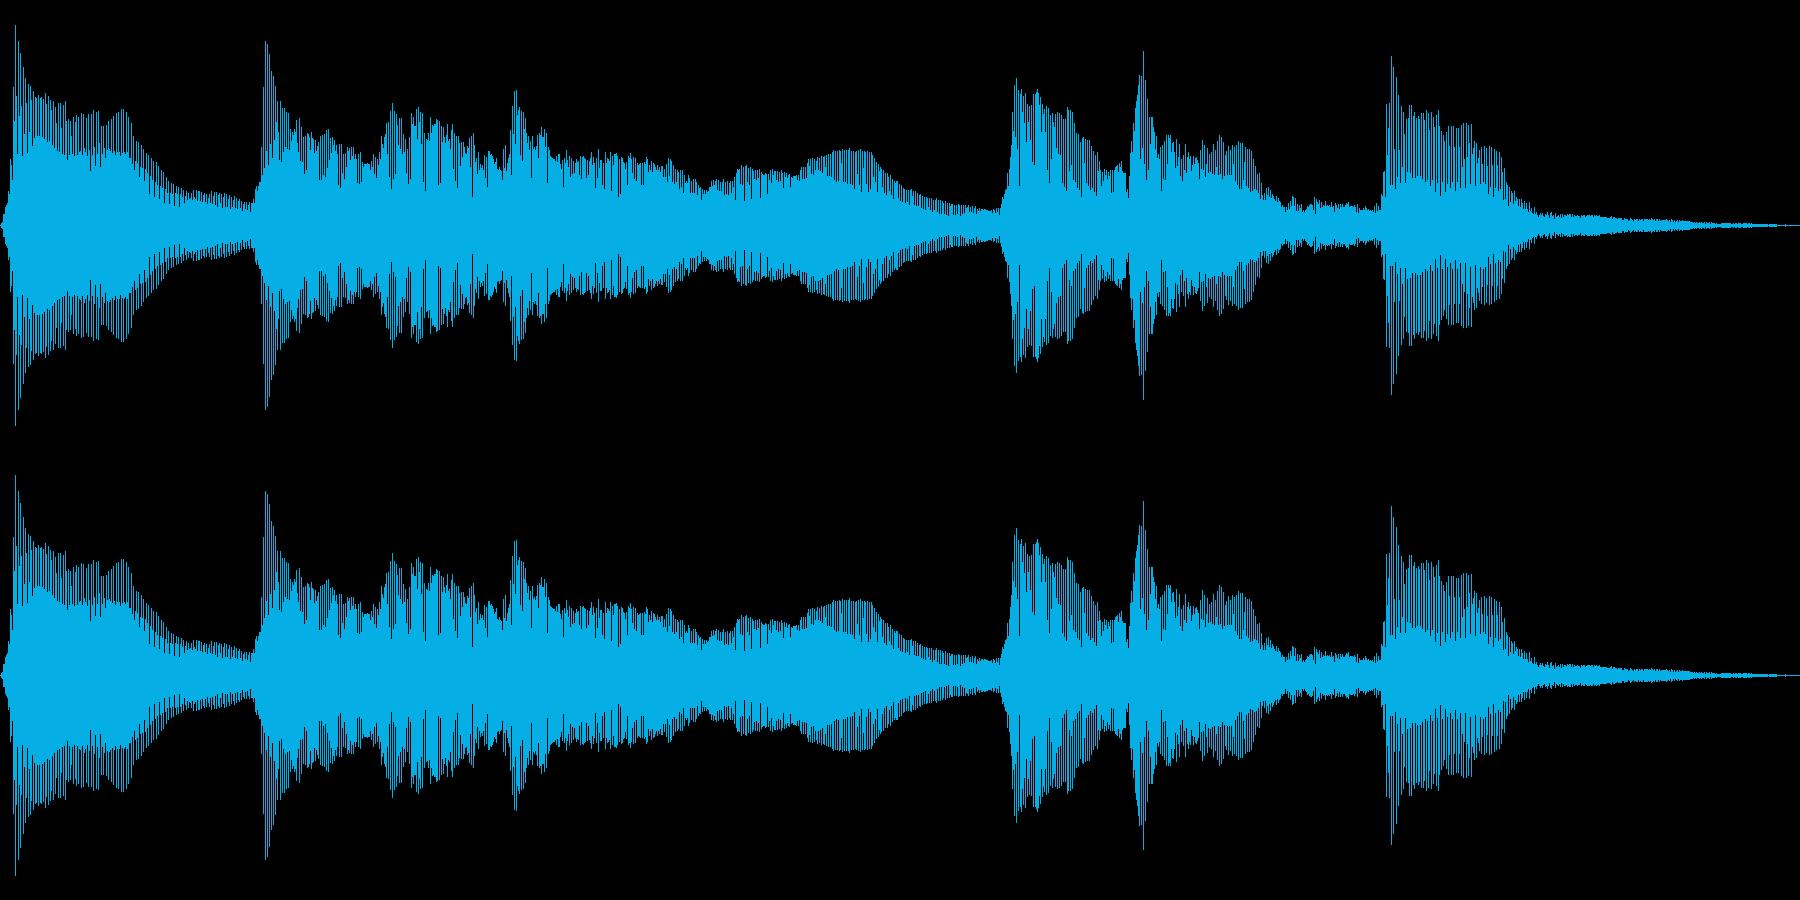 レトロでコミカルなゲームオーバー音 失敗の再生済みの波形